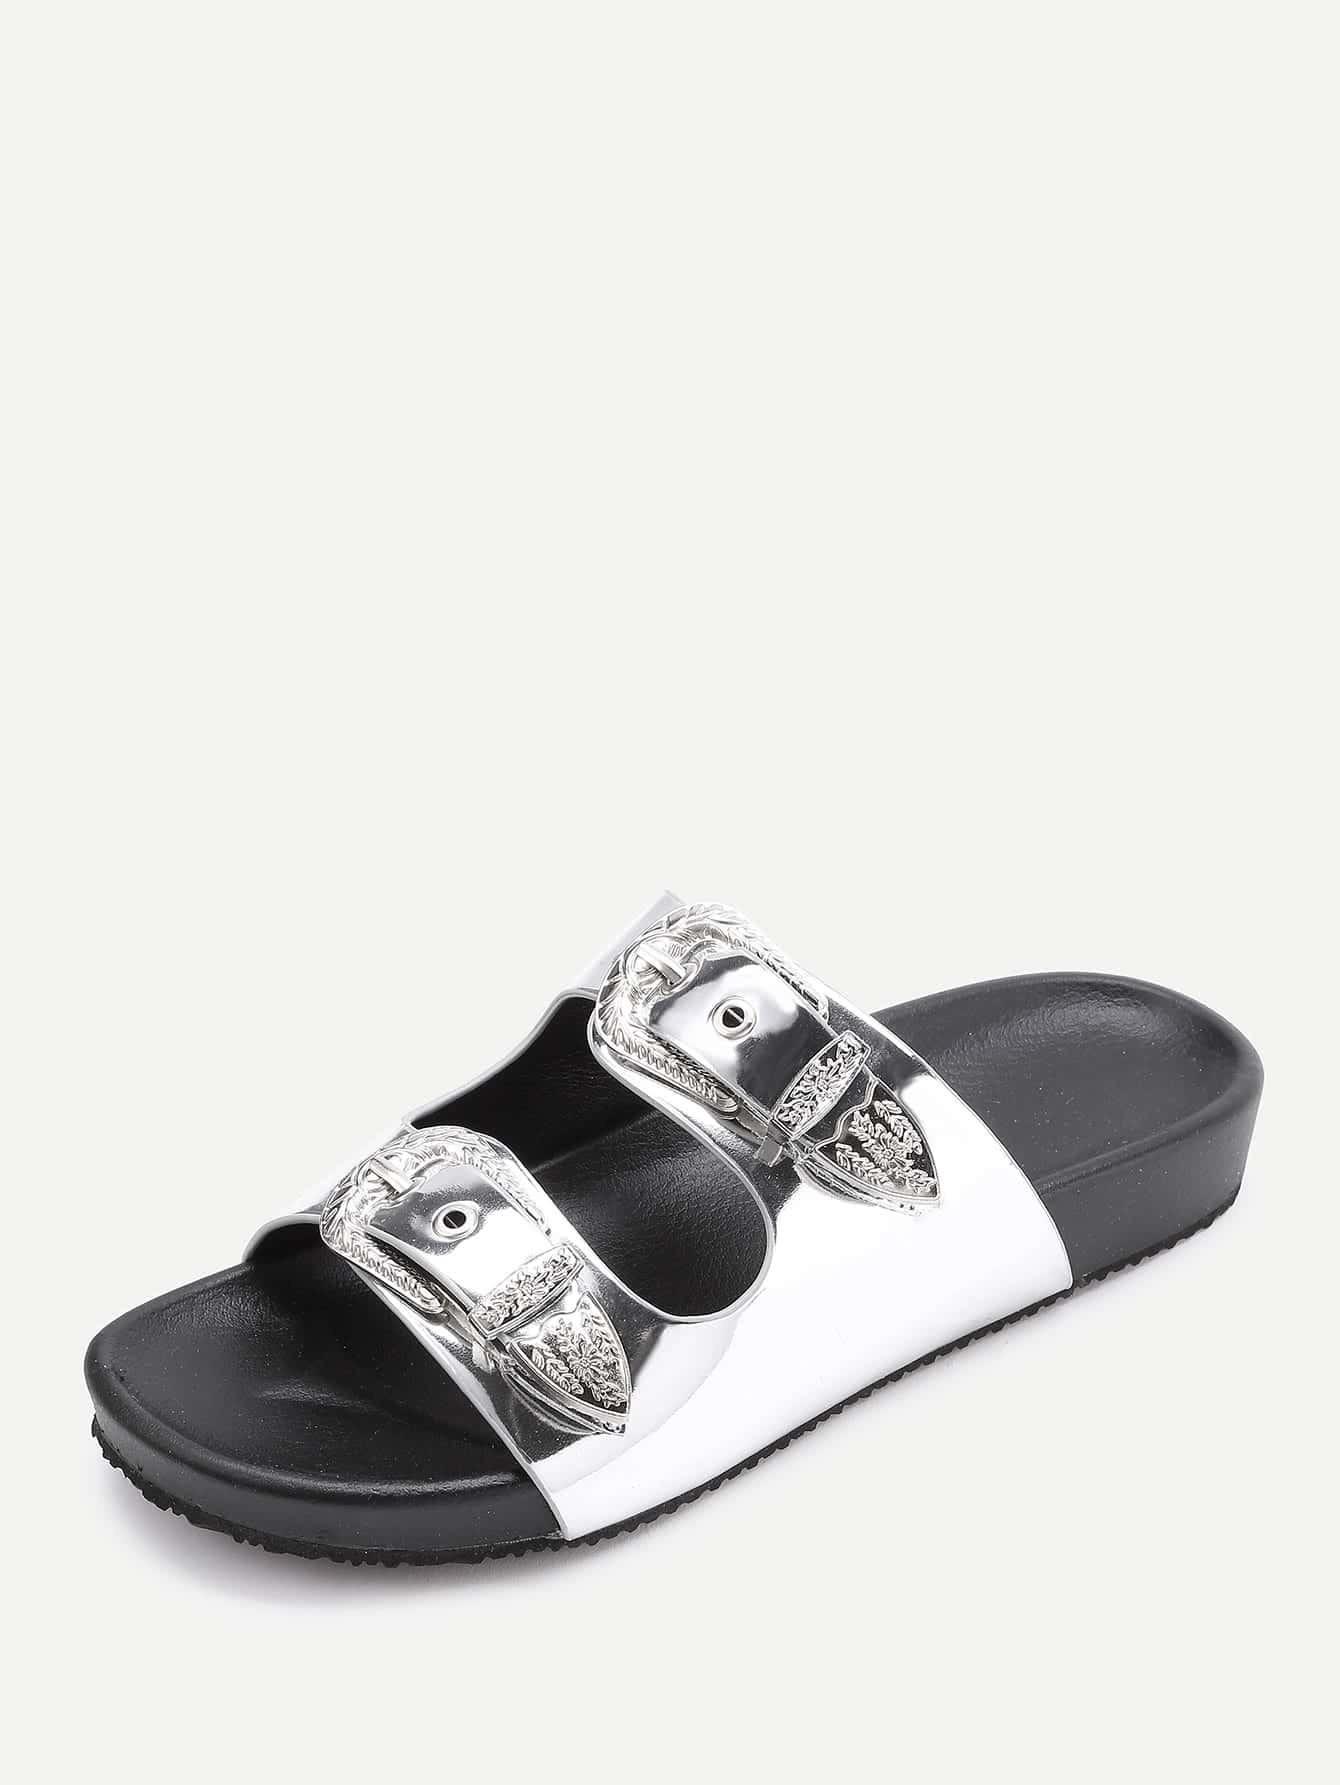 shoes170517803_2